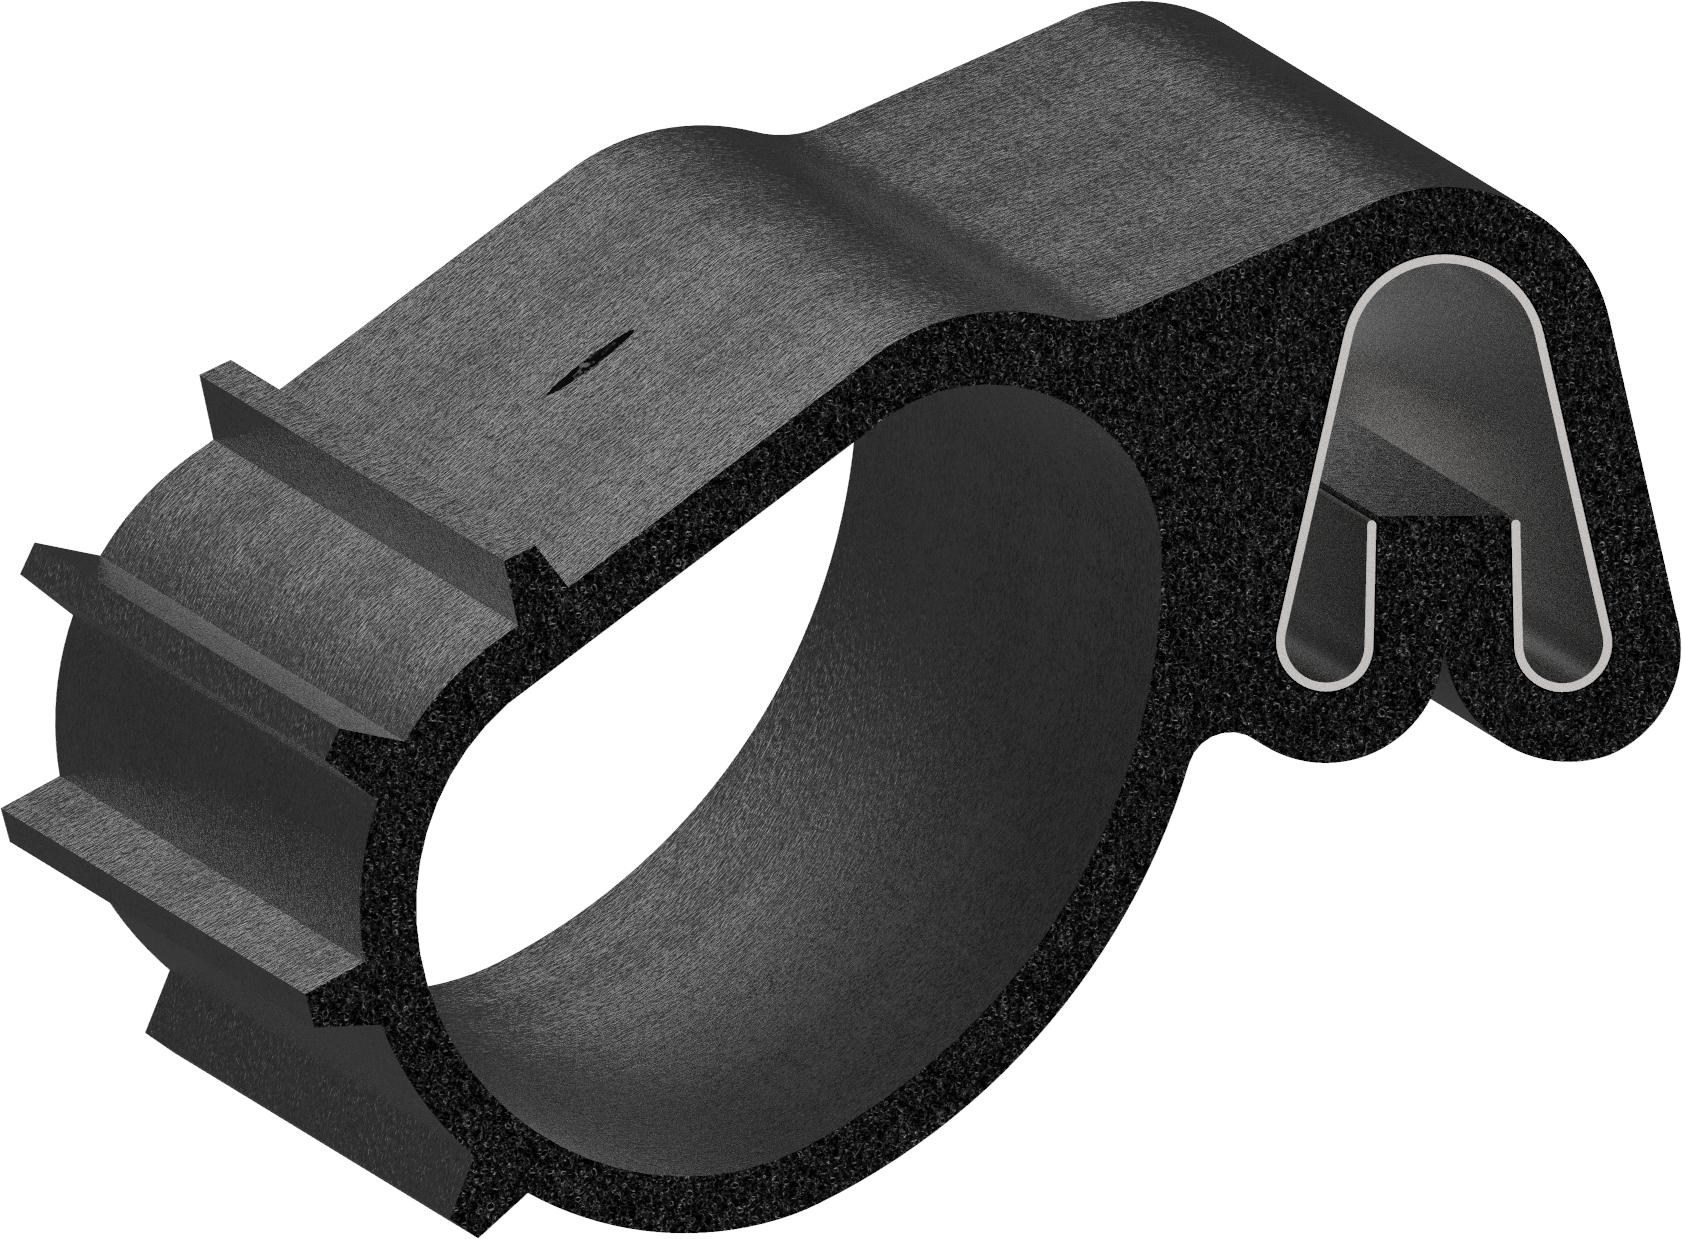 Uni-Grip part: SD-600